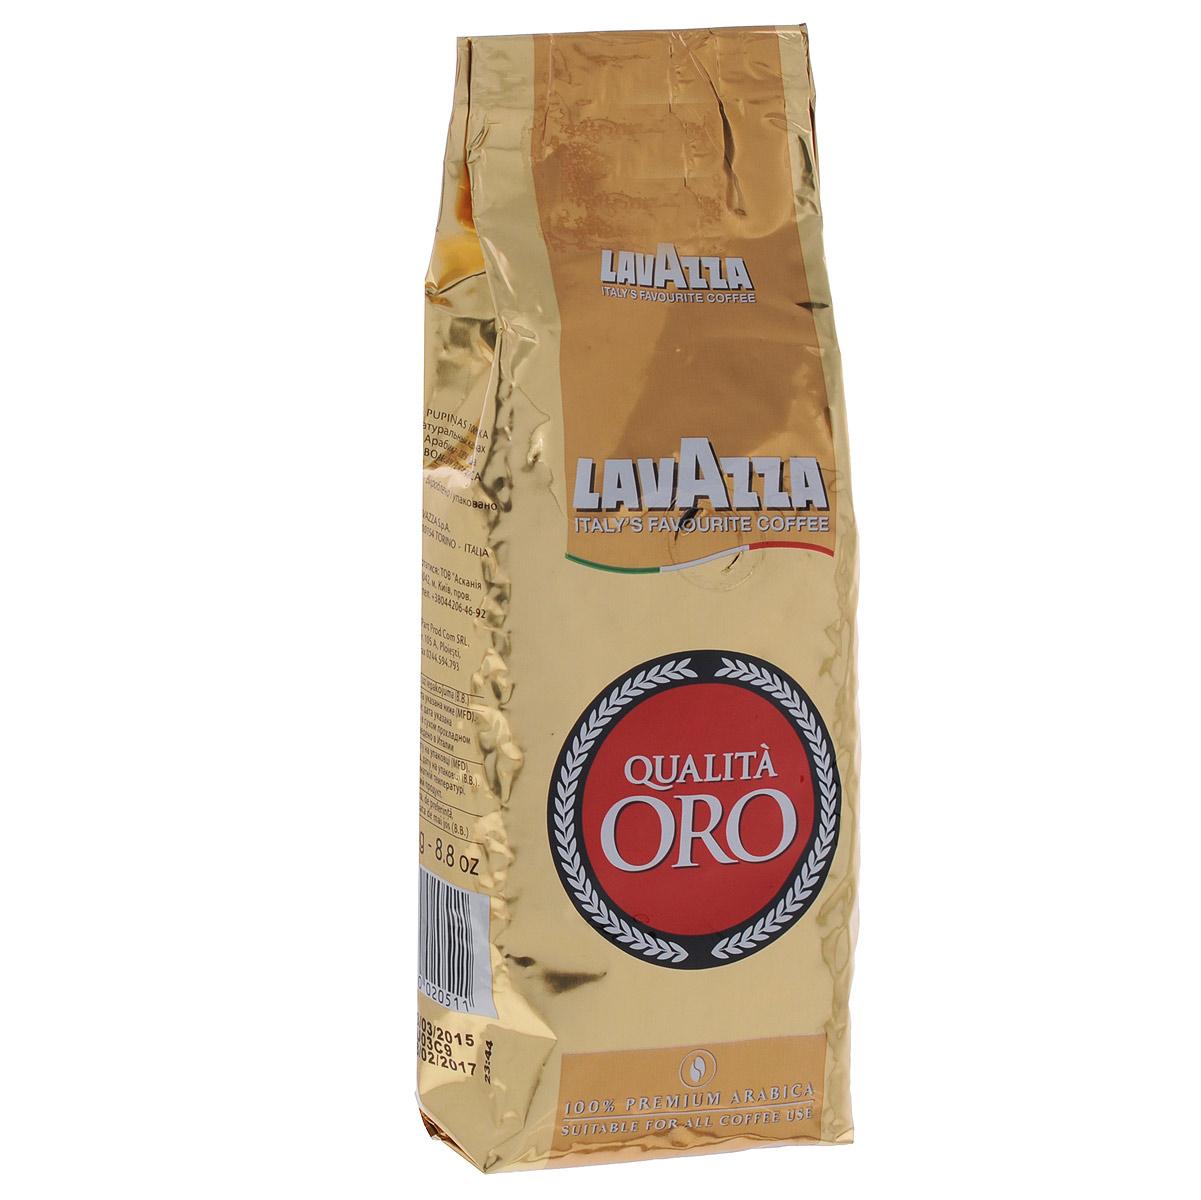 Lavazza Qualita Oro кофе в зернах, 250 г101246Lavazza Qualita Oro - ароматный напиток, созданный для требовательного кофемана с утонченным вкусом. Тщательно подобранный купаж создан из 100 % высокогорной арабики, выращенной на лучших плантациях Центральной Америки. Средняя обжарка и высокое качество сырья позволяют получить ярко выраженный красочный вкус и запоминающийся аромат, наполненный выразительной цветочной нотой с небольшой кислинкой.Отличной подойдет не только для кафе,баров и ресторанов, но и для вашей кофемашины в офис или домой.